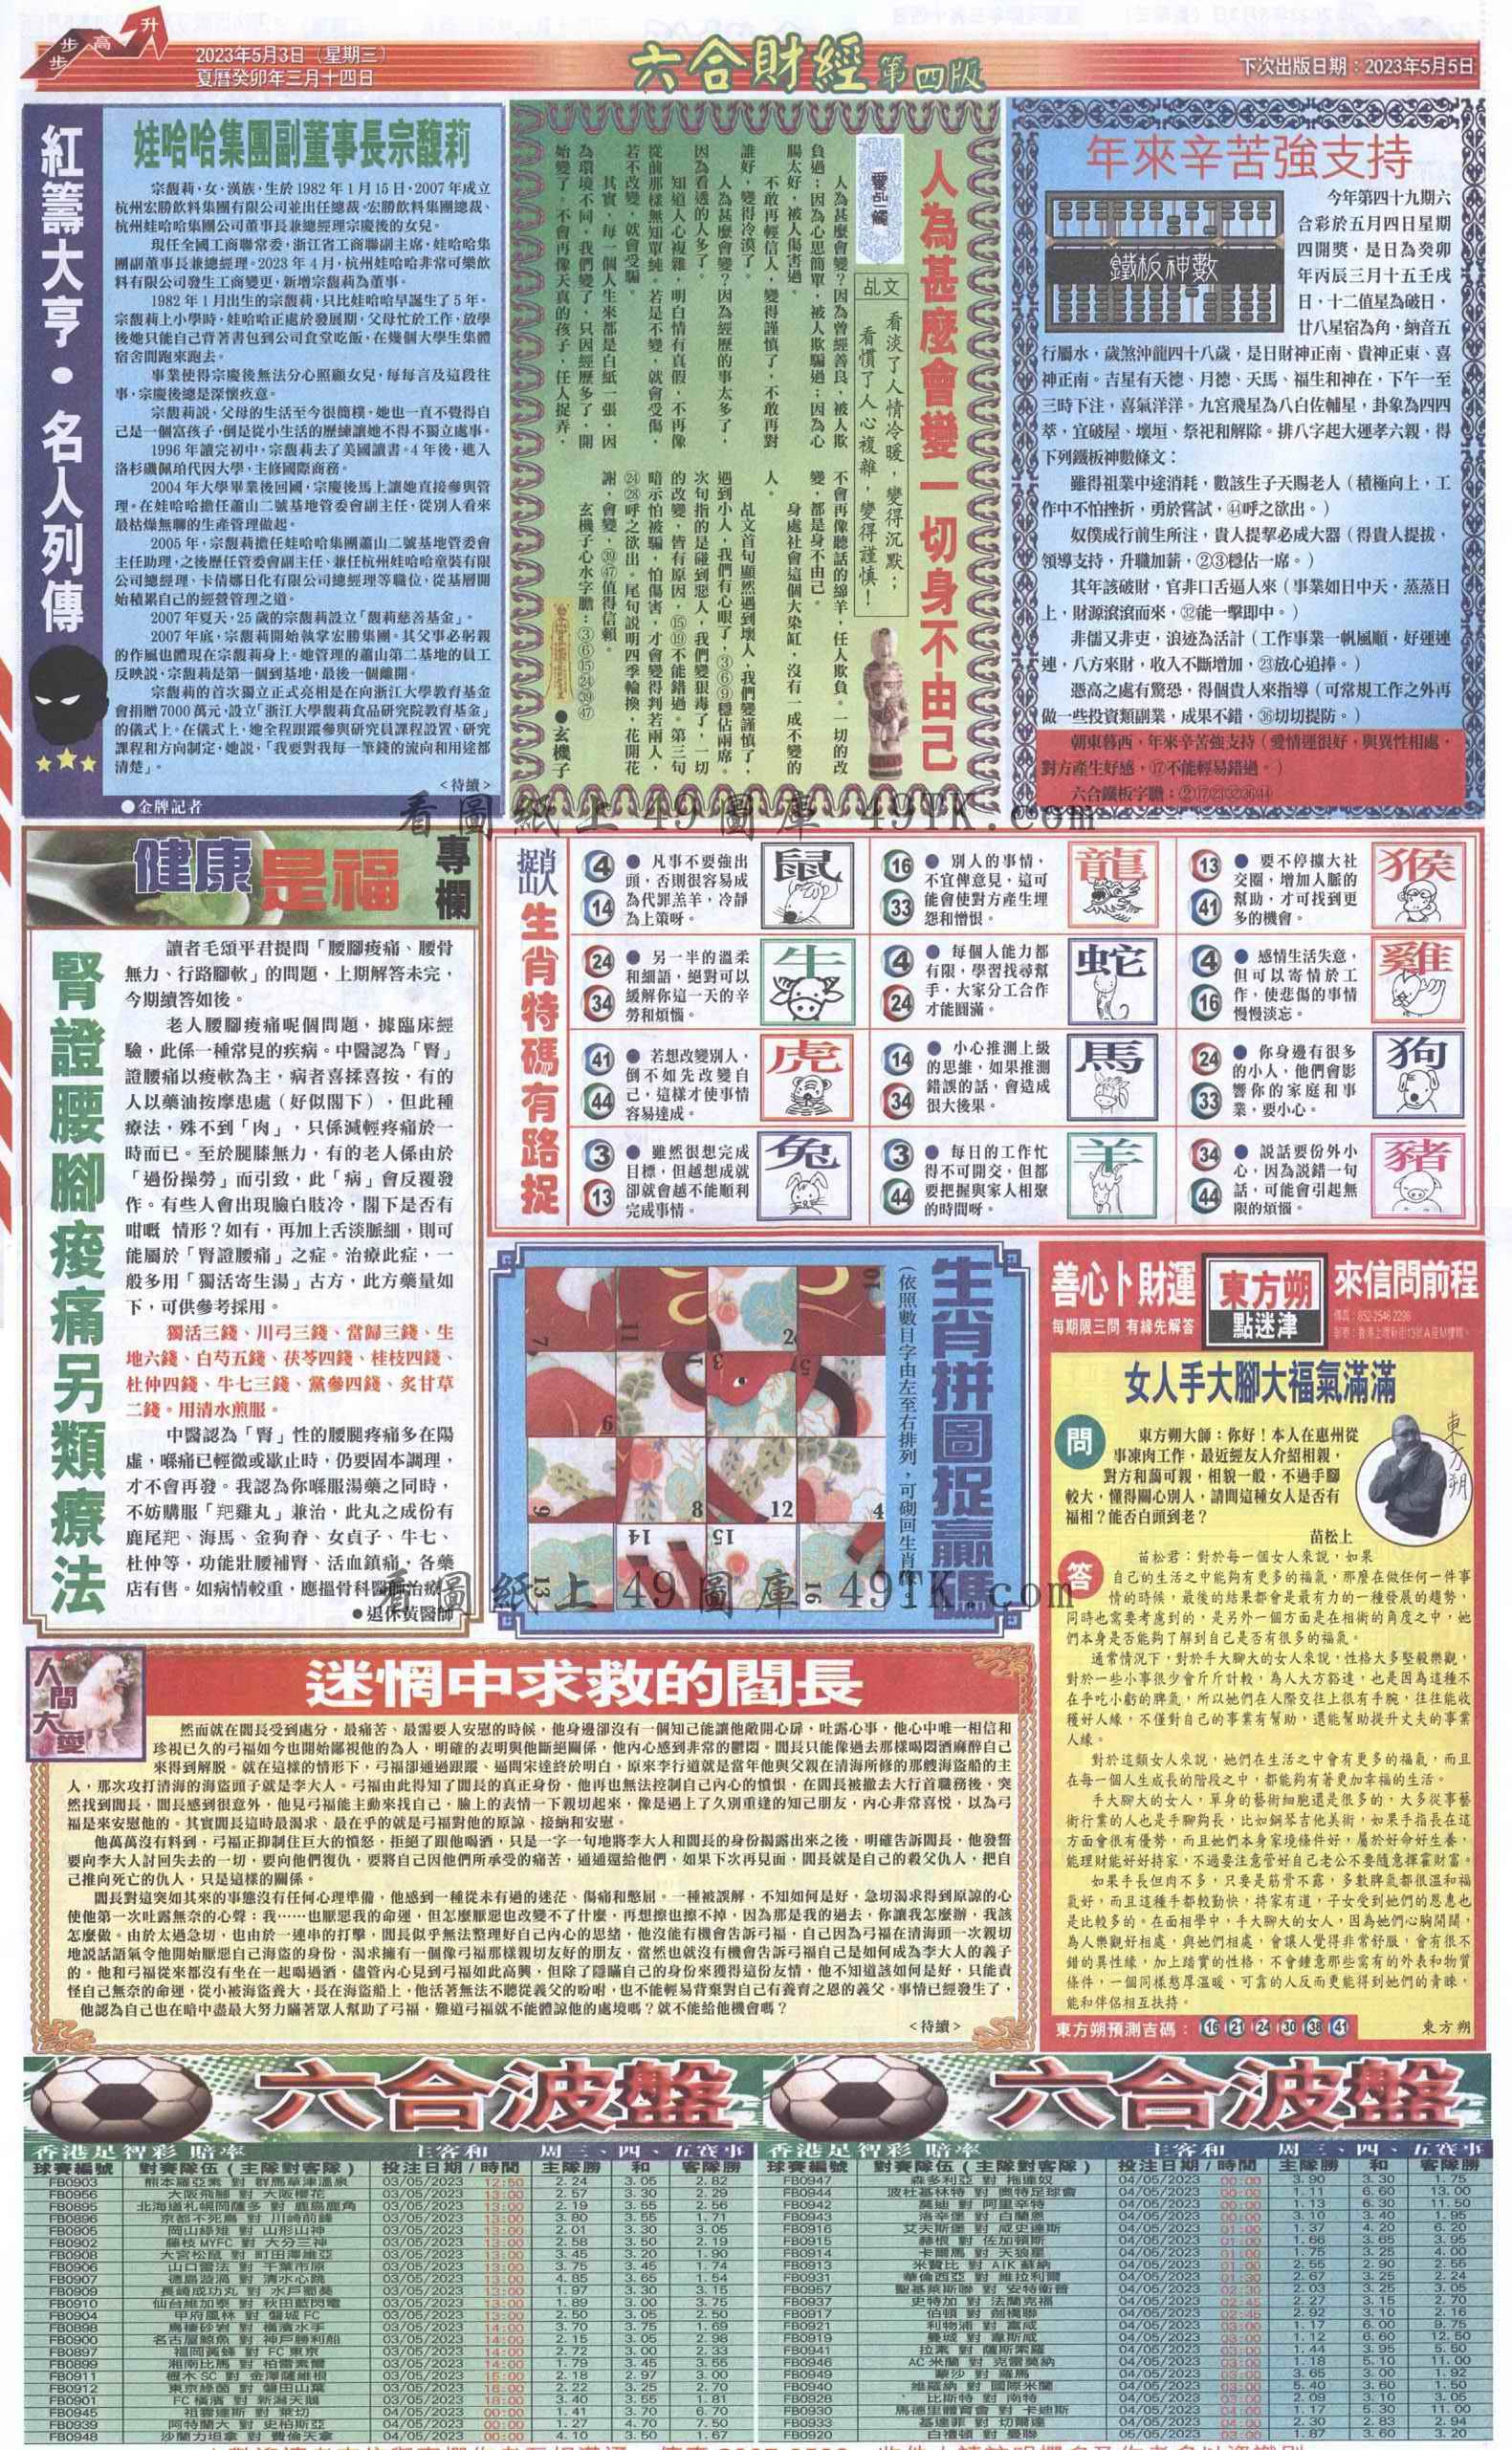 049期六合财经B加大版